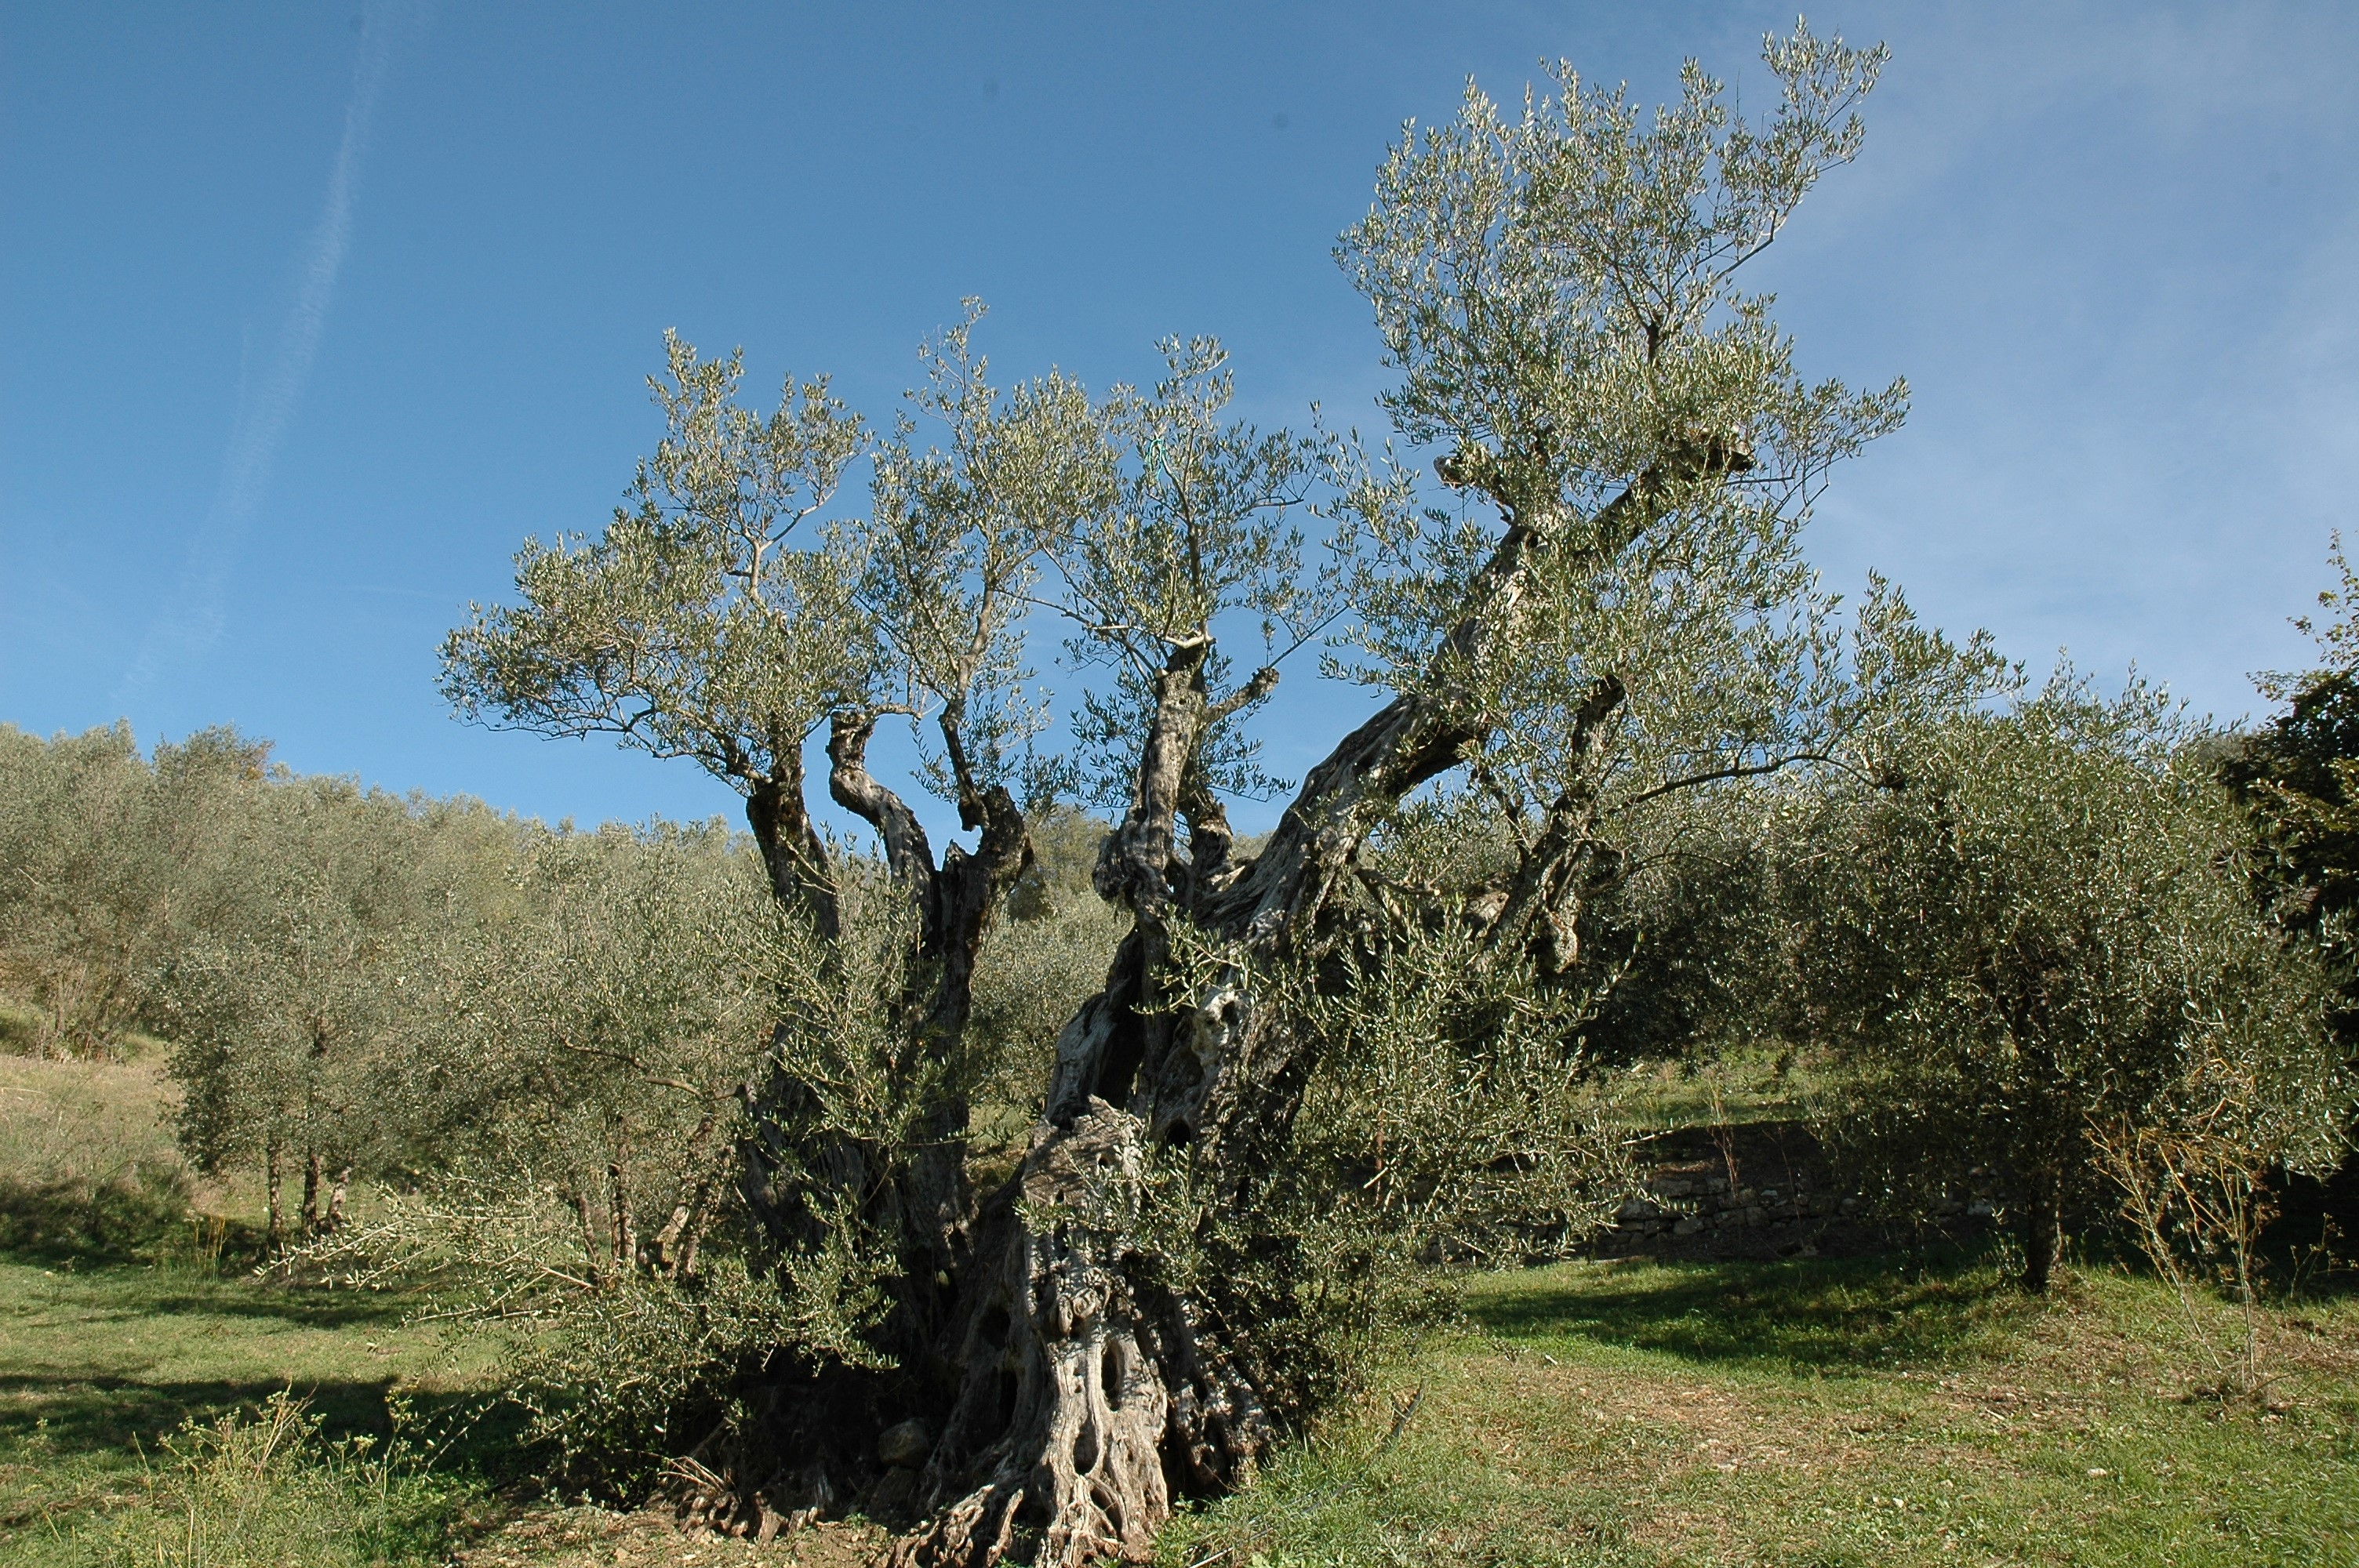 Albero secolare di olivo in oliveto, cielo azzurro